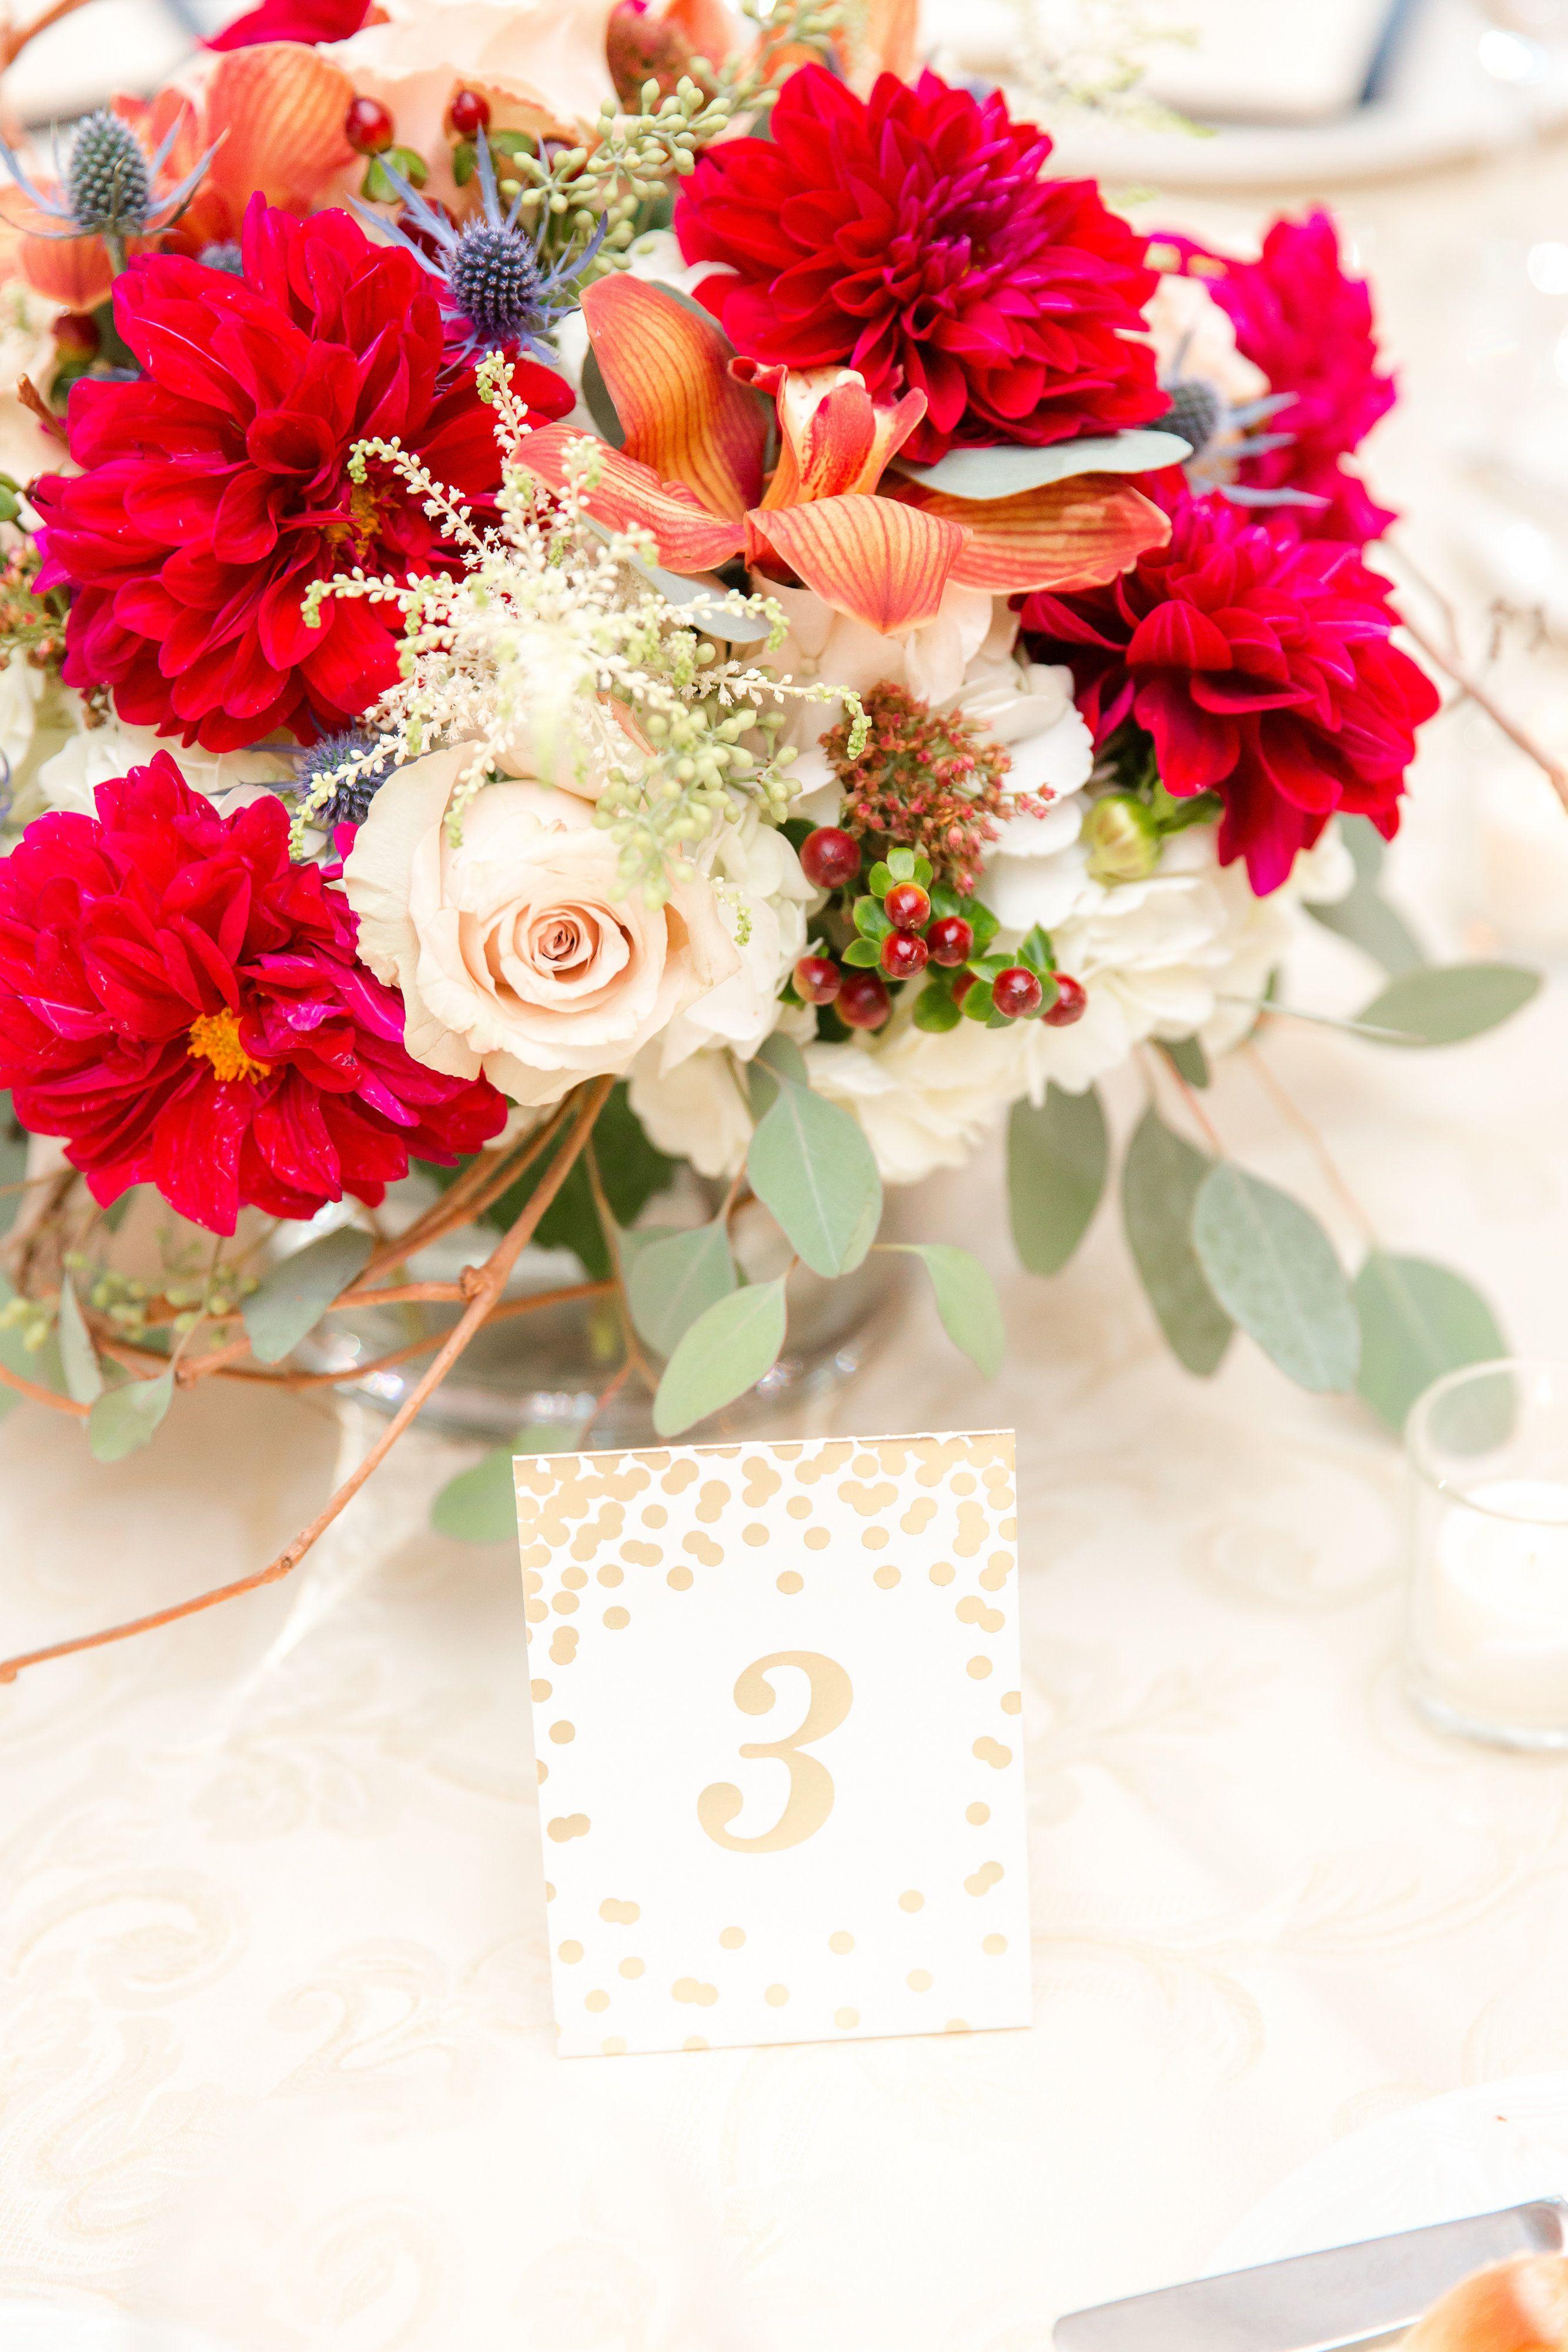 Fall wedding reception decor  Meadow Wood Manor Wedding  Wedding Reception Decor  Pinterest